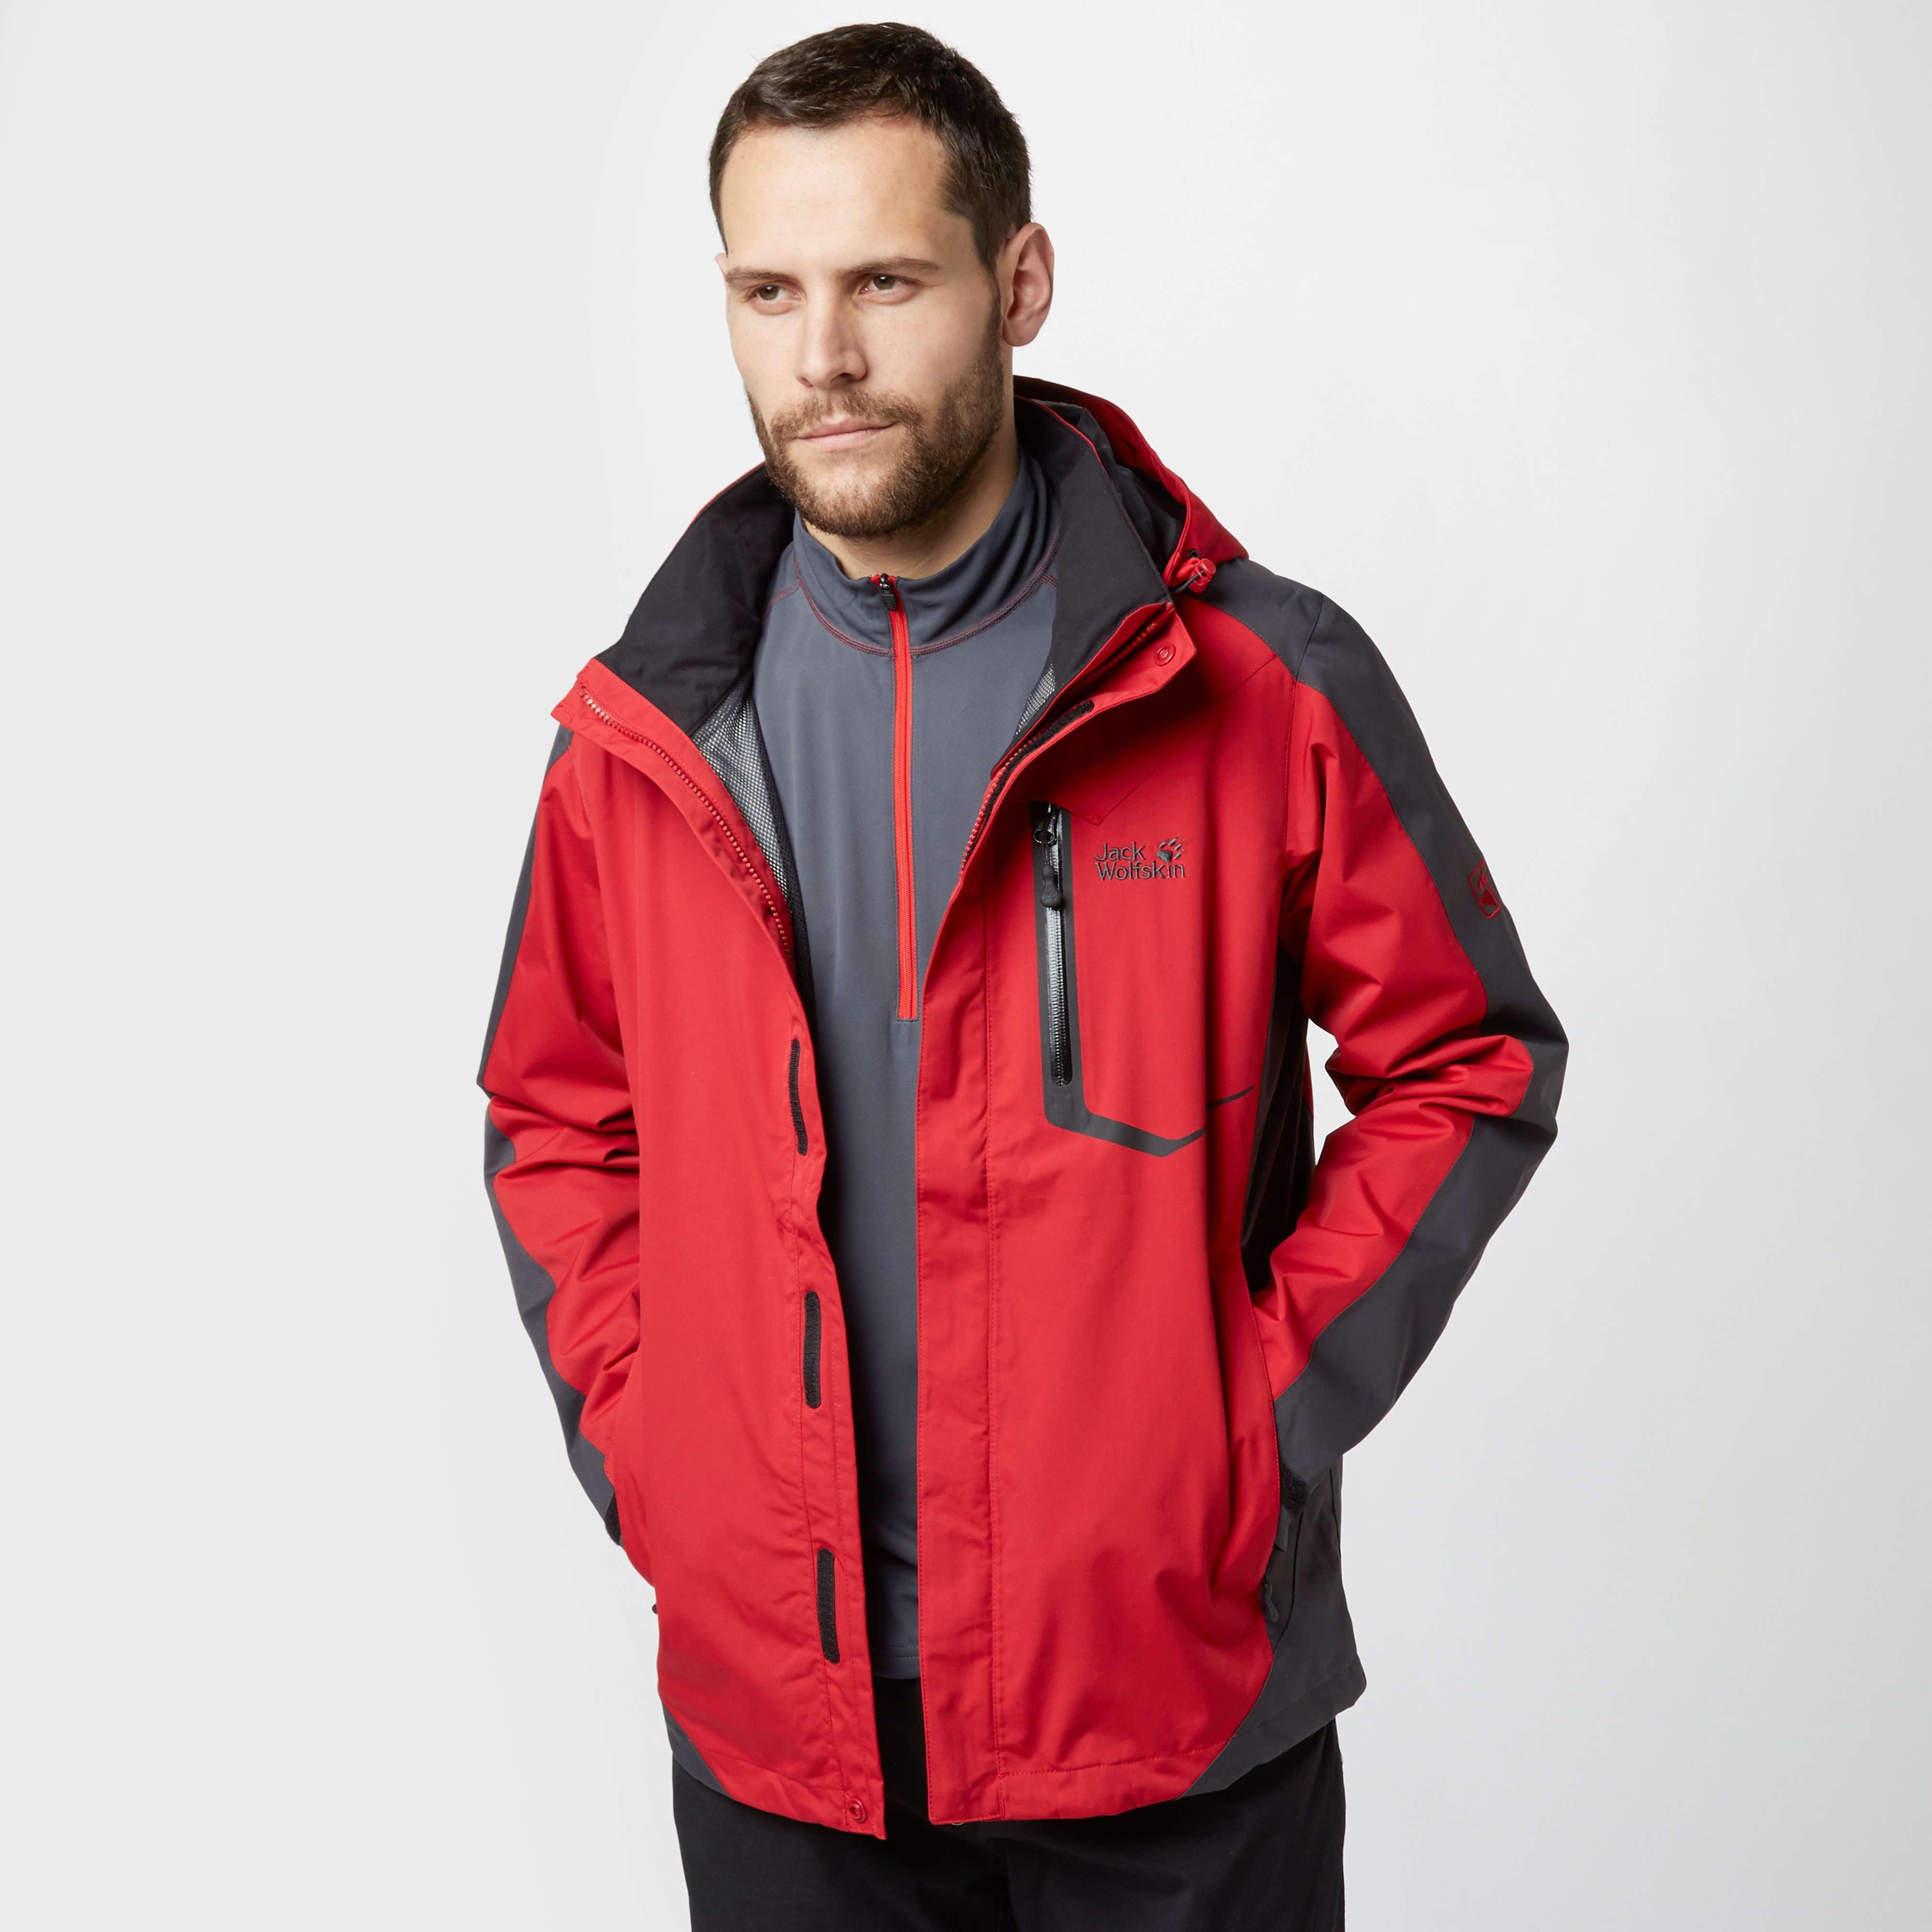 JACK WOLFSKIN Men's Positron Texapore Jacket